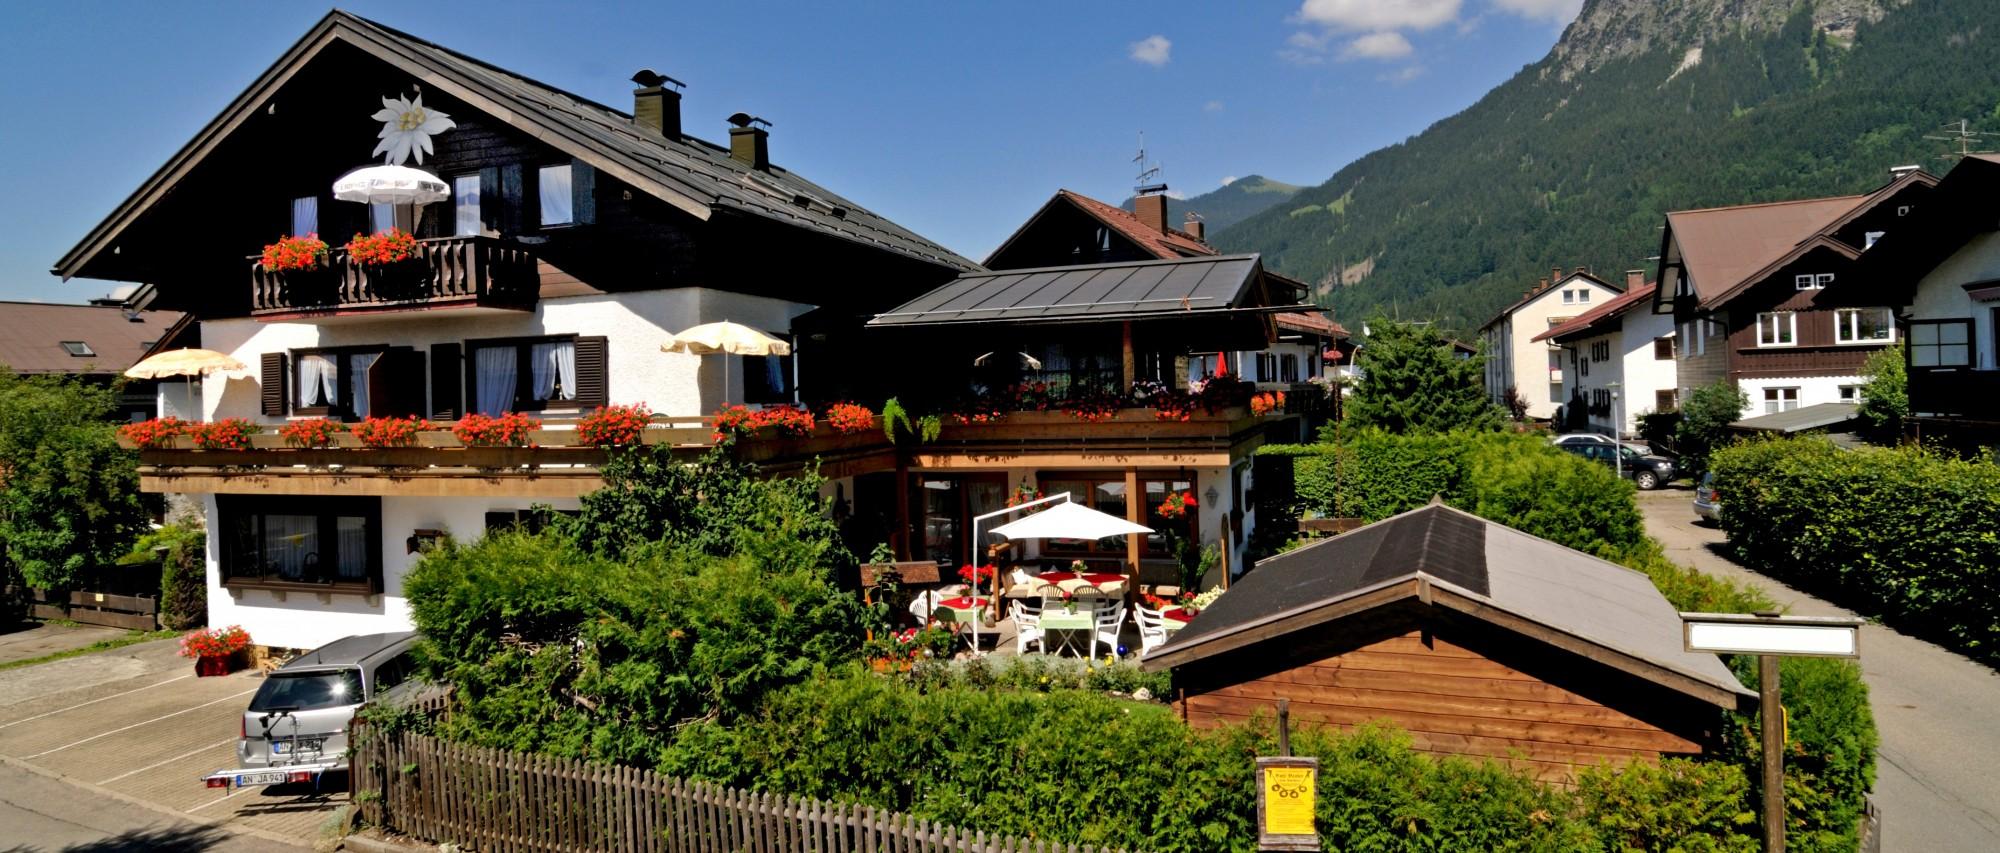 Anfahrt Oberstdorf